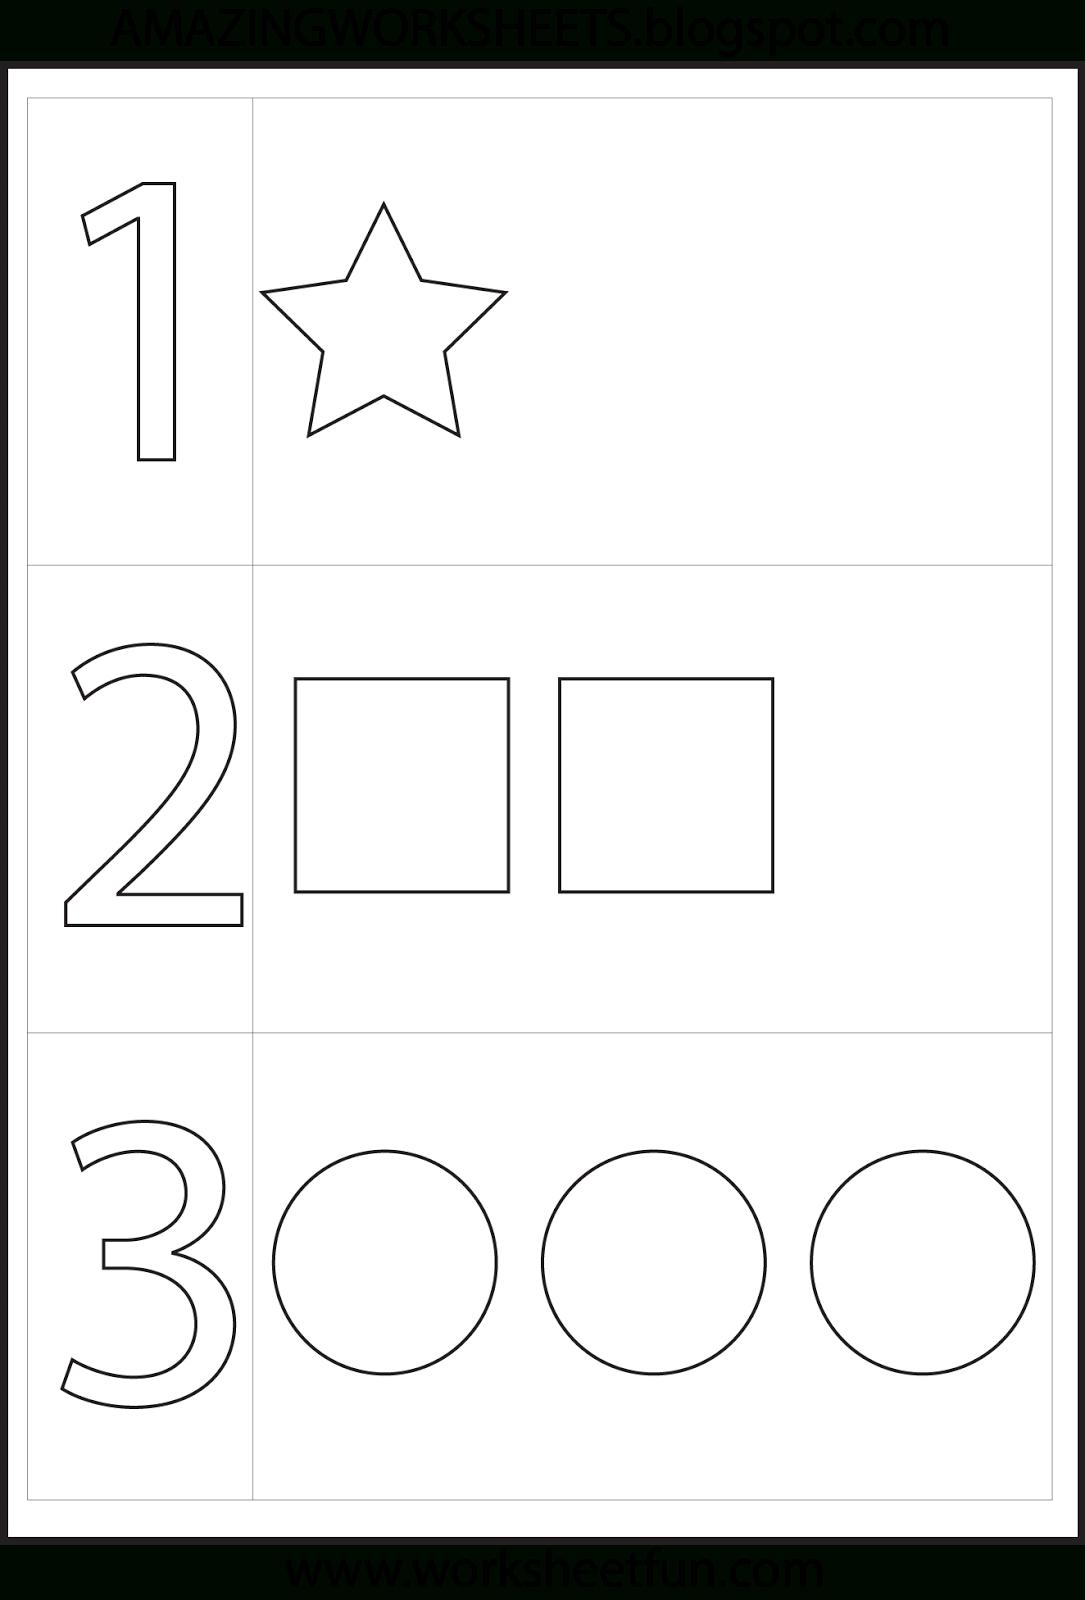 Worksheetfun - Free Printable Worksheets | Numbers Preschool